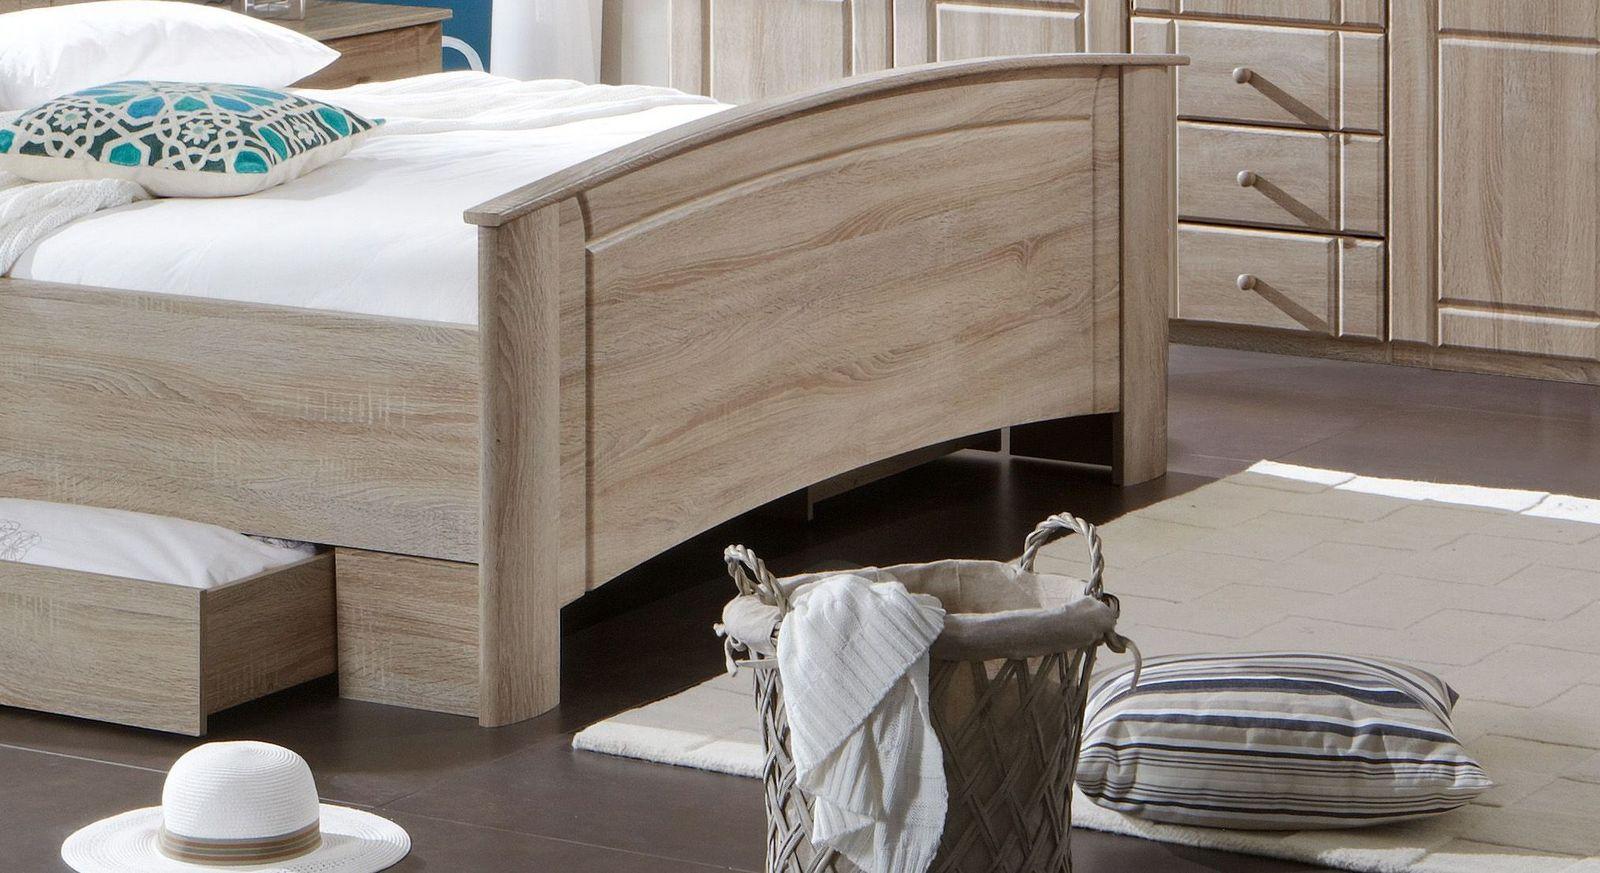 Komfort-Doppelbett Martano mit Zierfräsungen im Fußteil